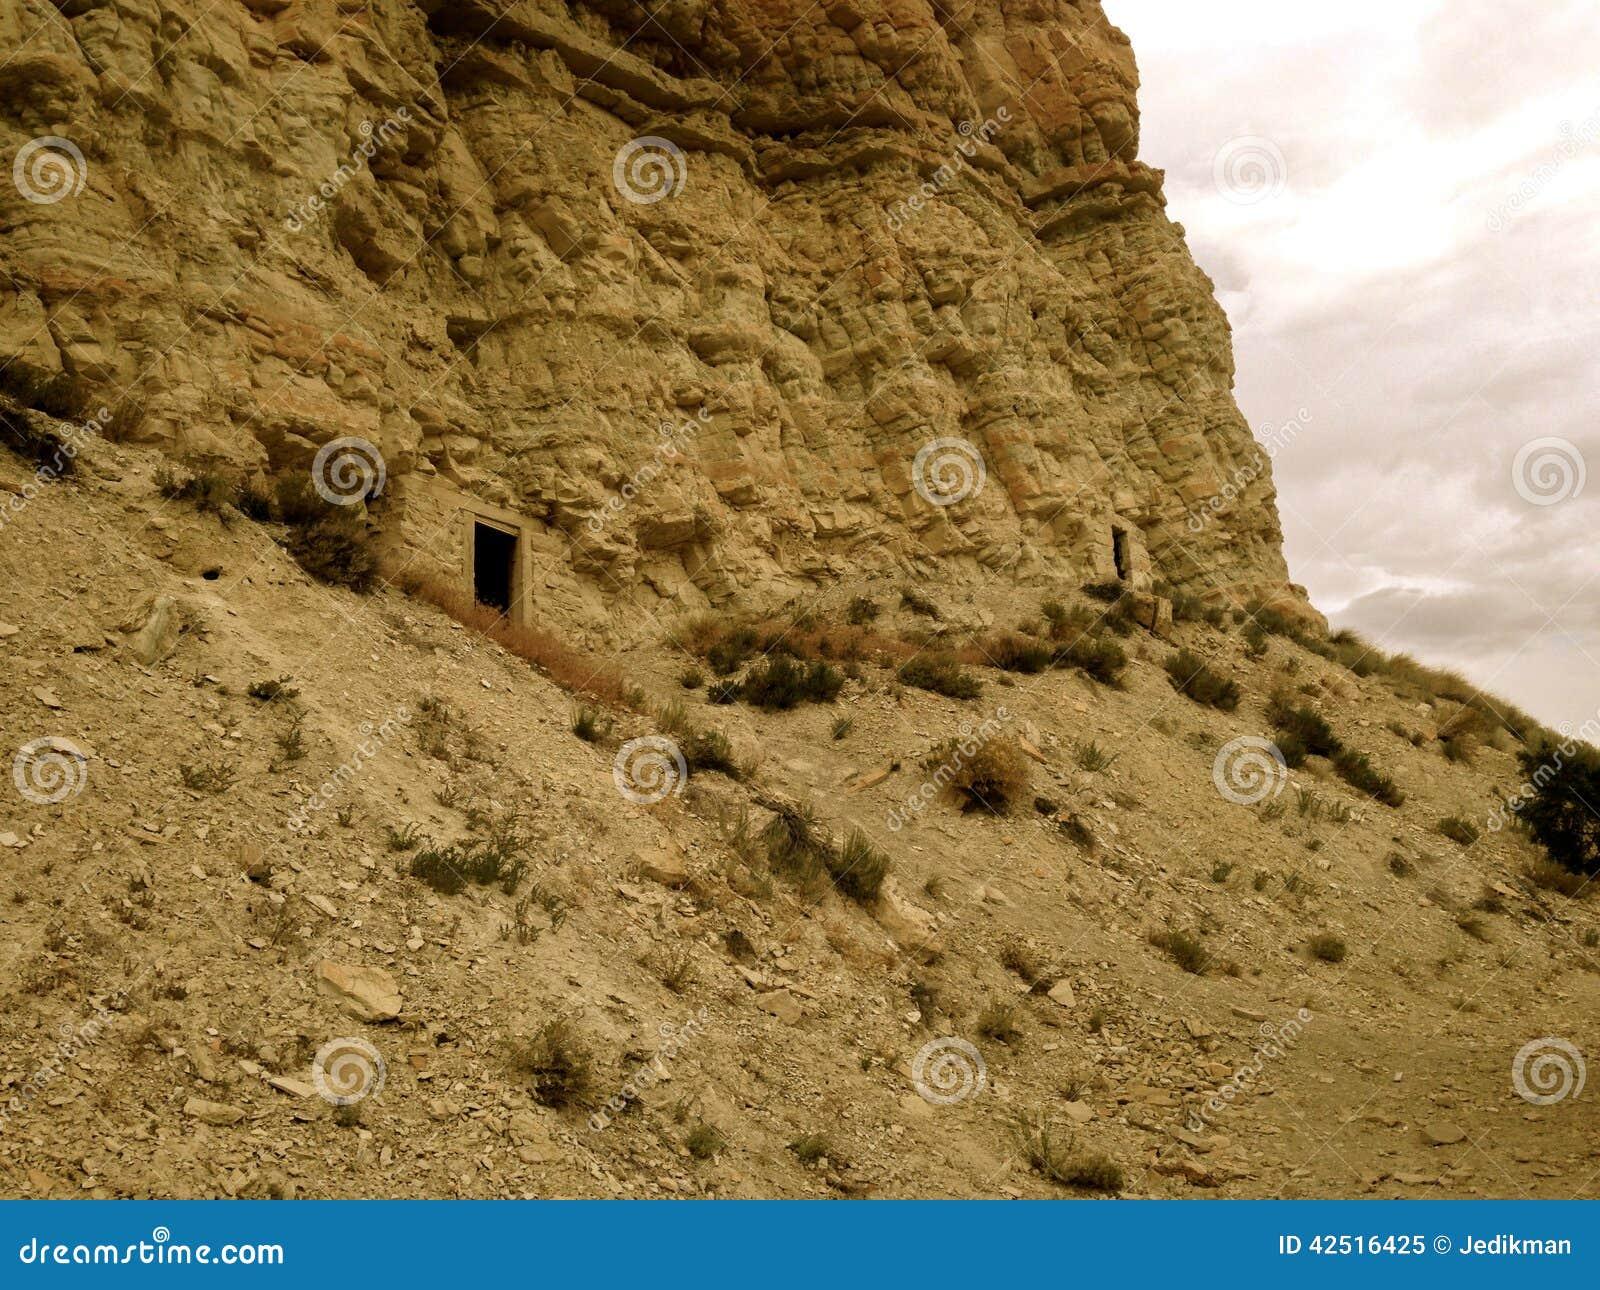 Abandoned Mines Near Salina, Utah Stock Image - Image of located